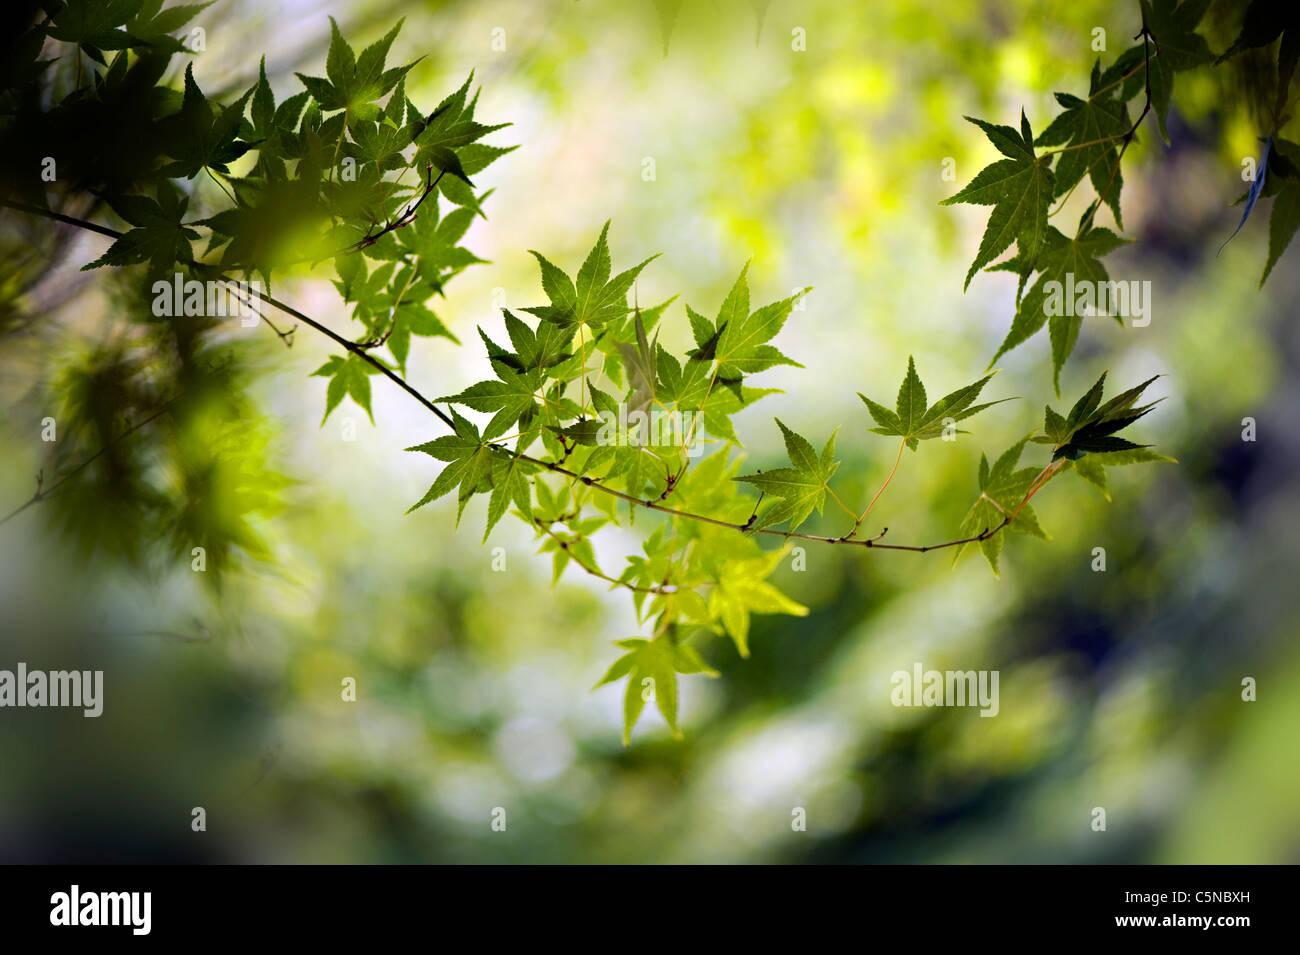 palmate leaf stockfotos palmate leaf bilder alamy. Black Bedroom Furniture Sets. Home Design Ideas